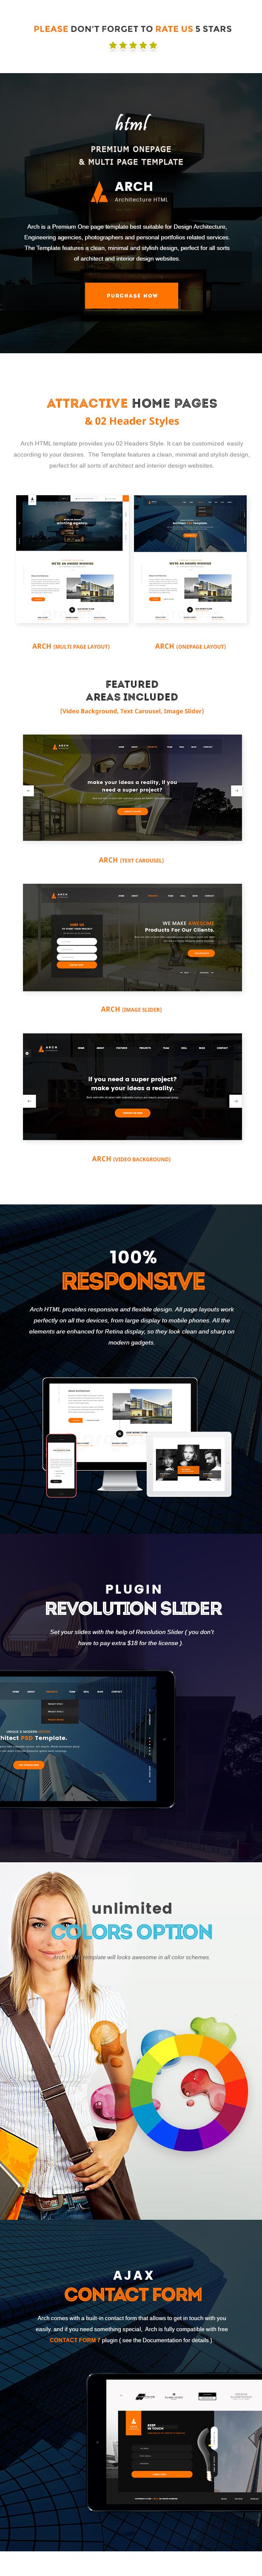 Arch_HTML_Presentation